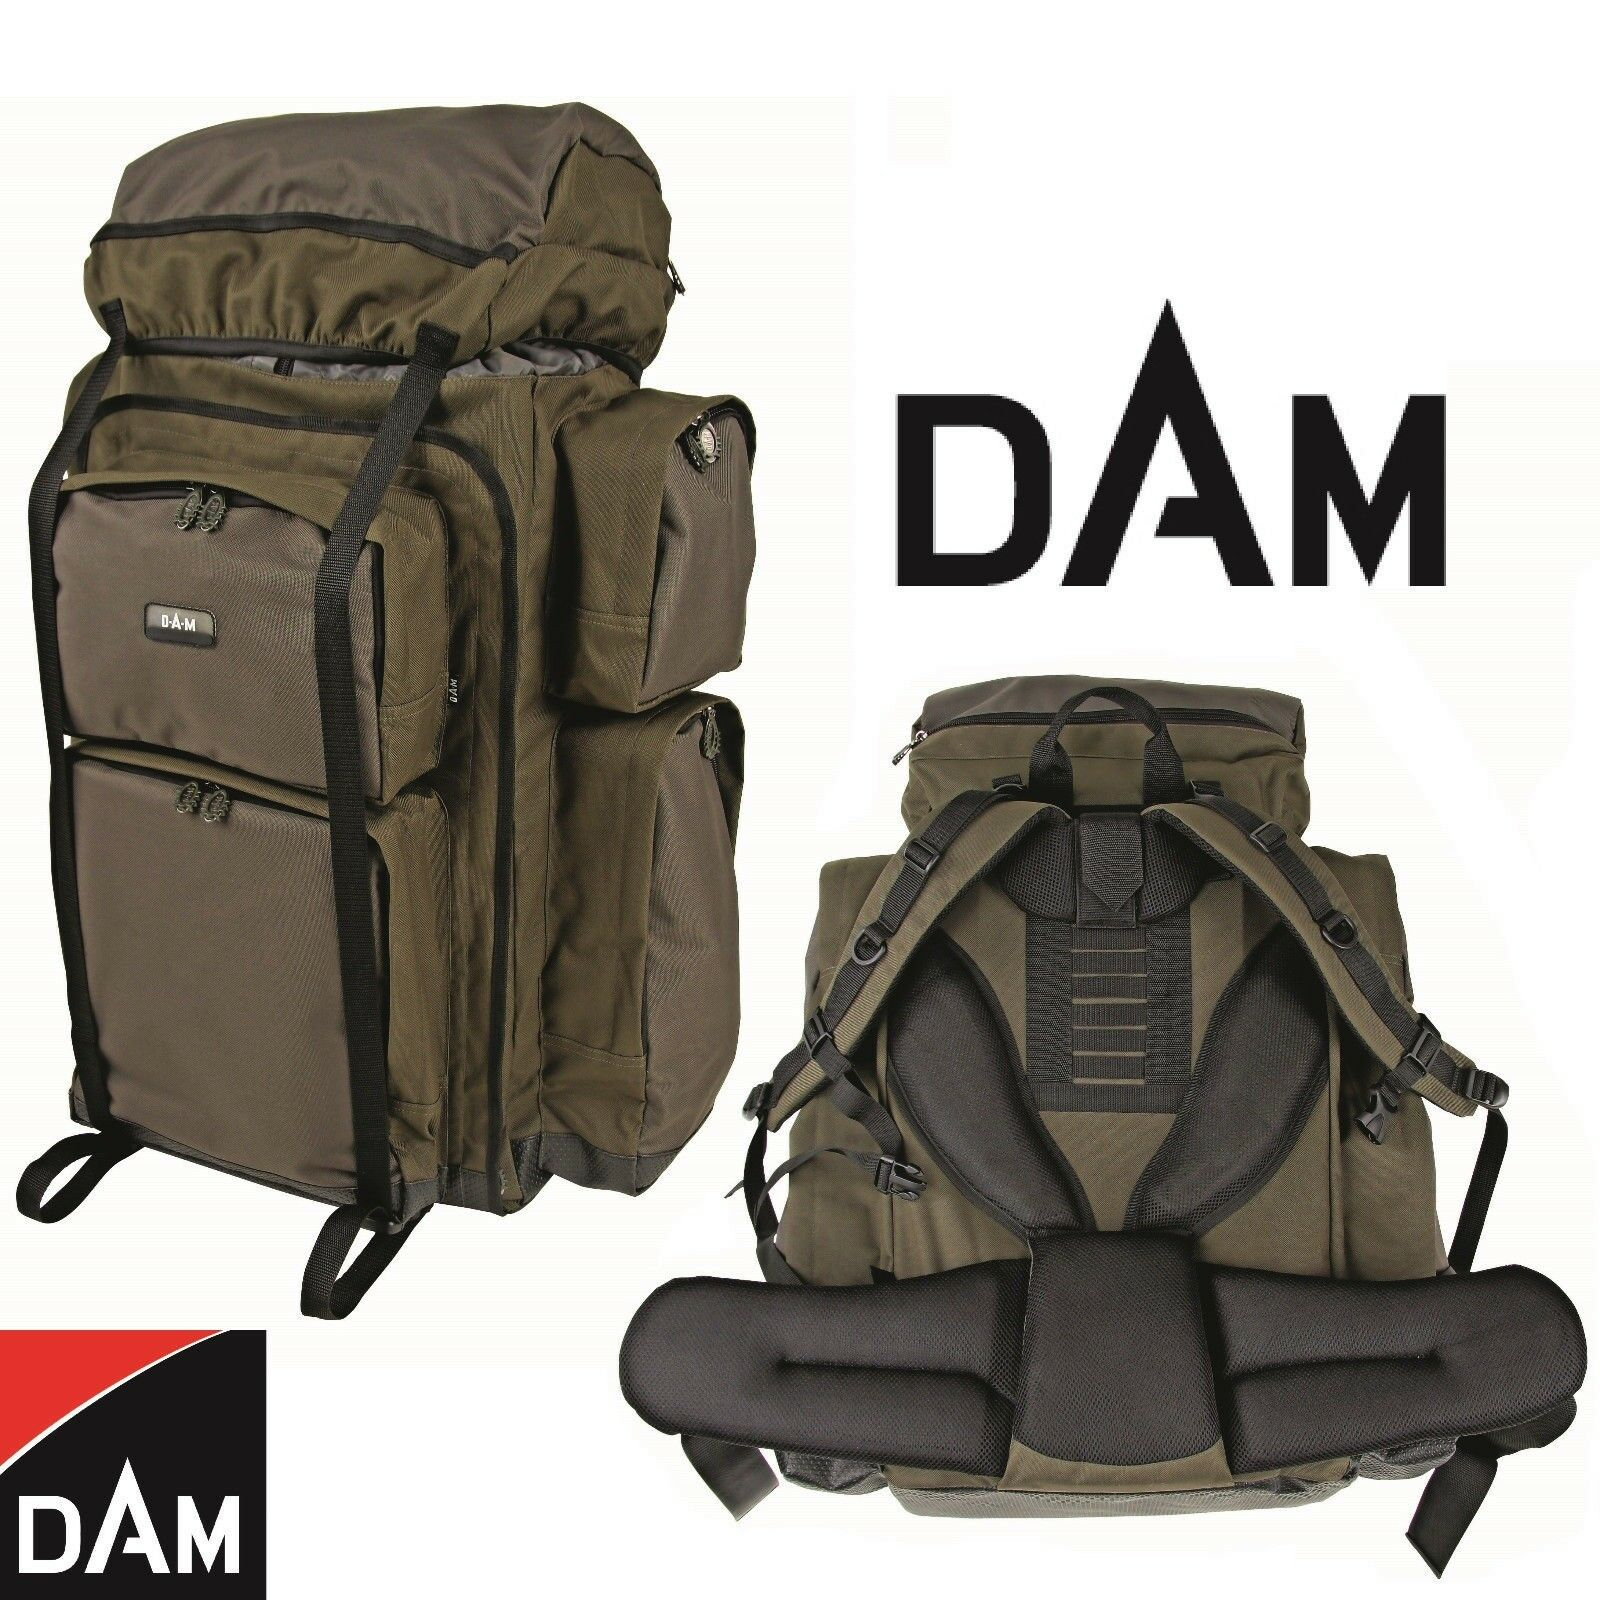 DAM Outdoor Back Pack - Großer Angel und Wander Rucksack   Angeltasche